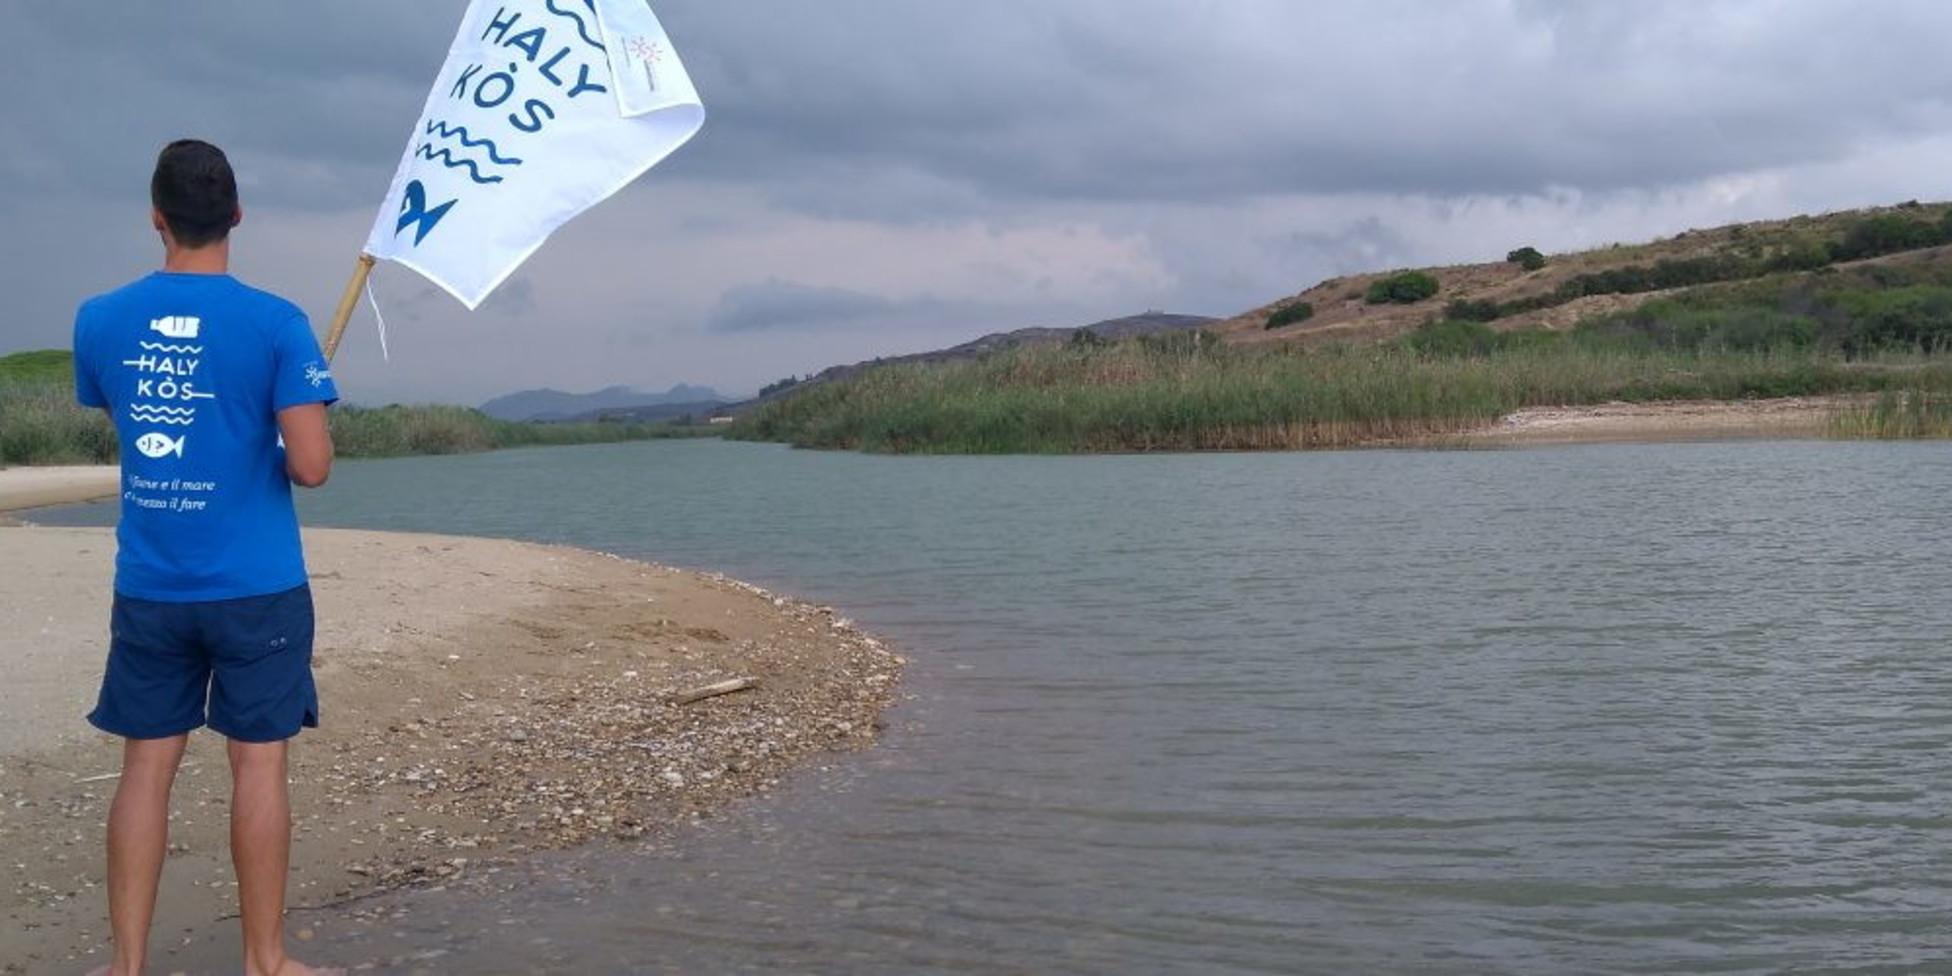 Una barriera alla foce del fiume per bloccare la plastica: in Sicilia l'iniziativa contro i rifiuti in mare